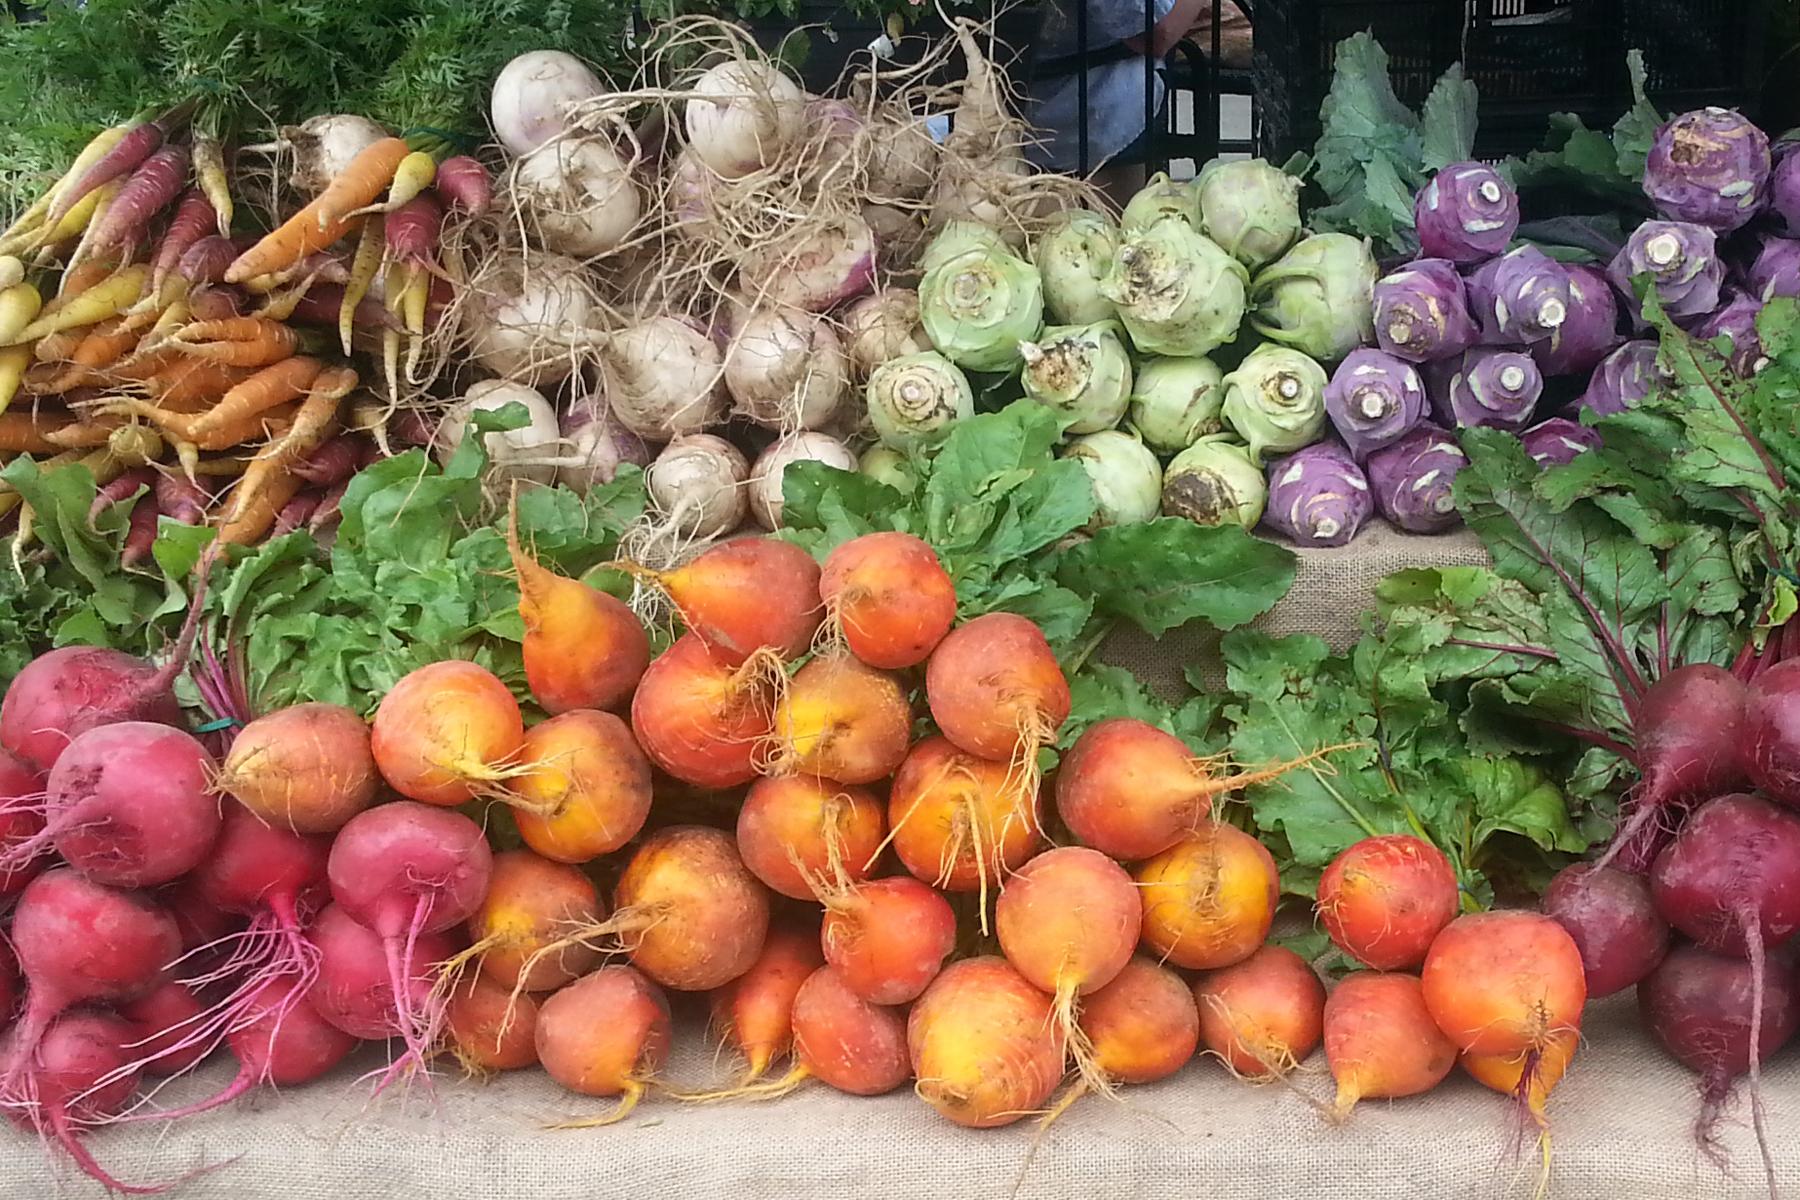 Andersonville Farmers Market